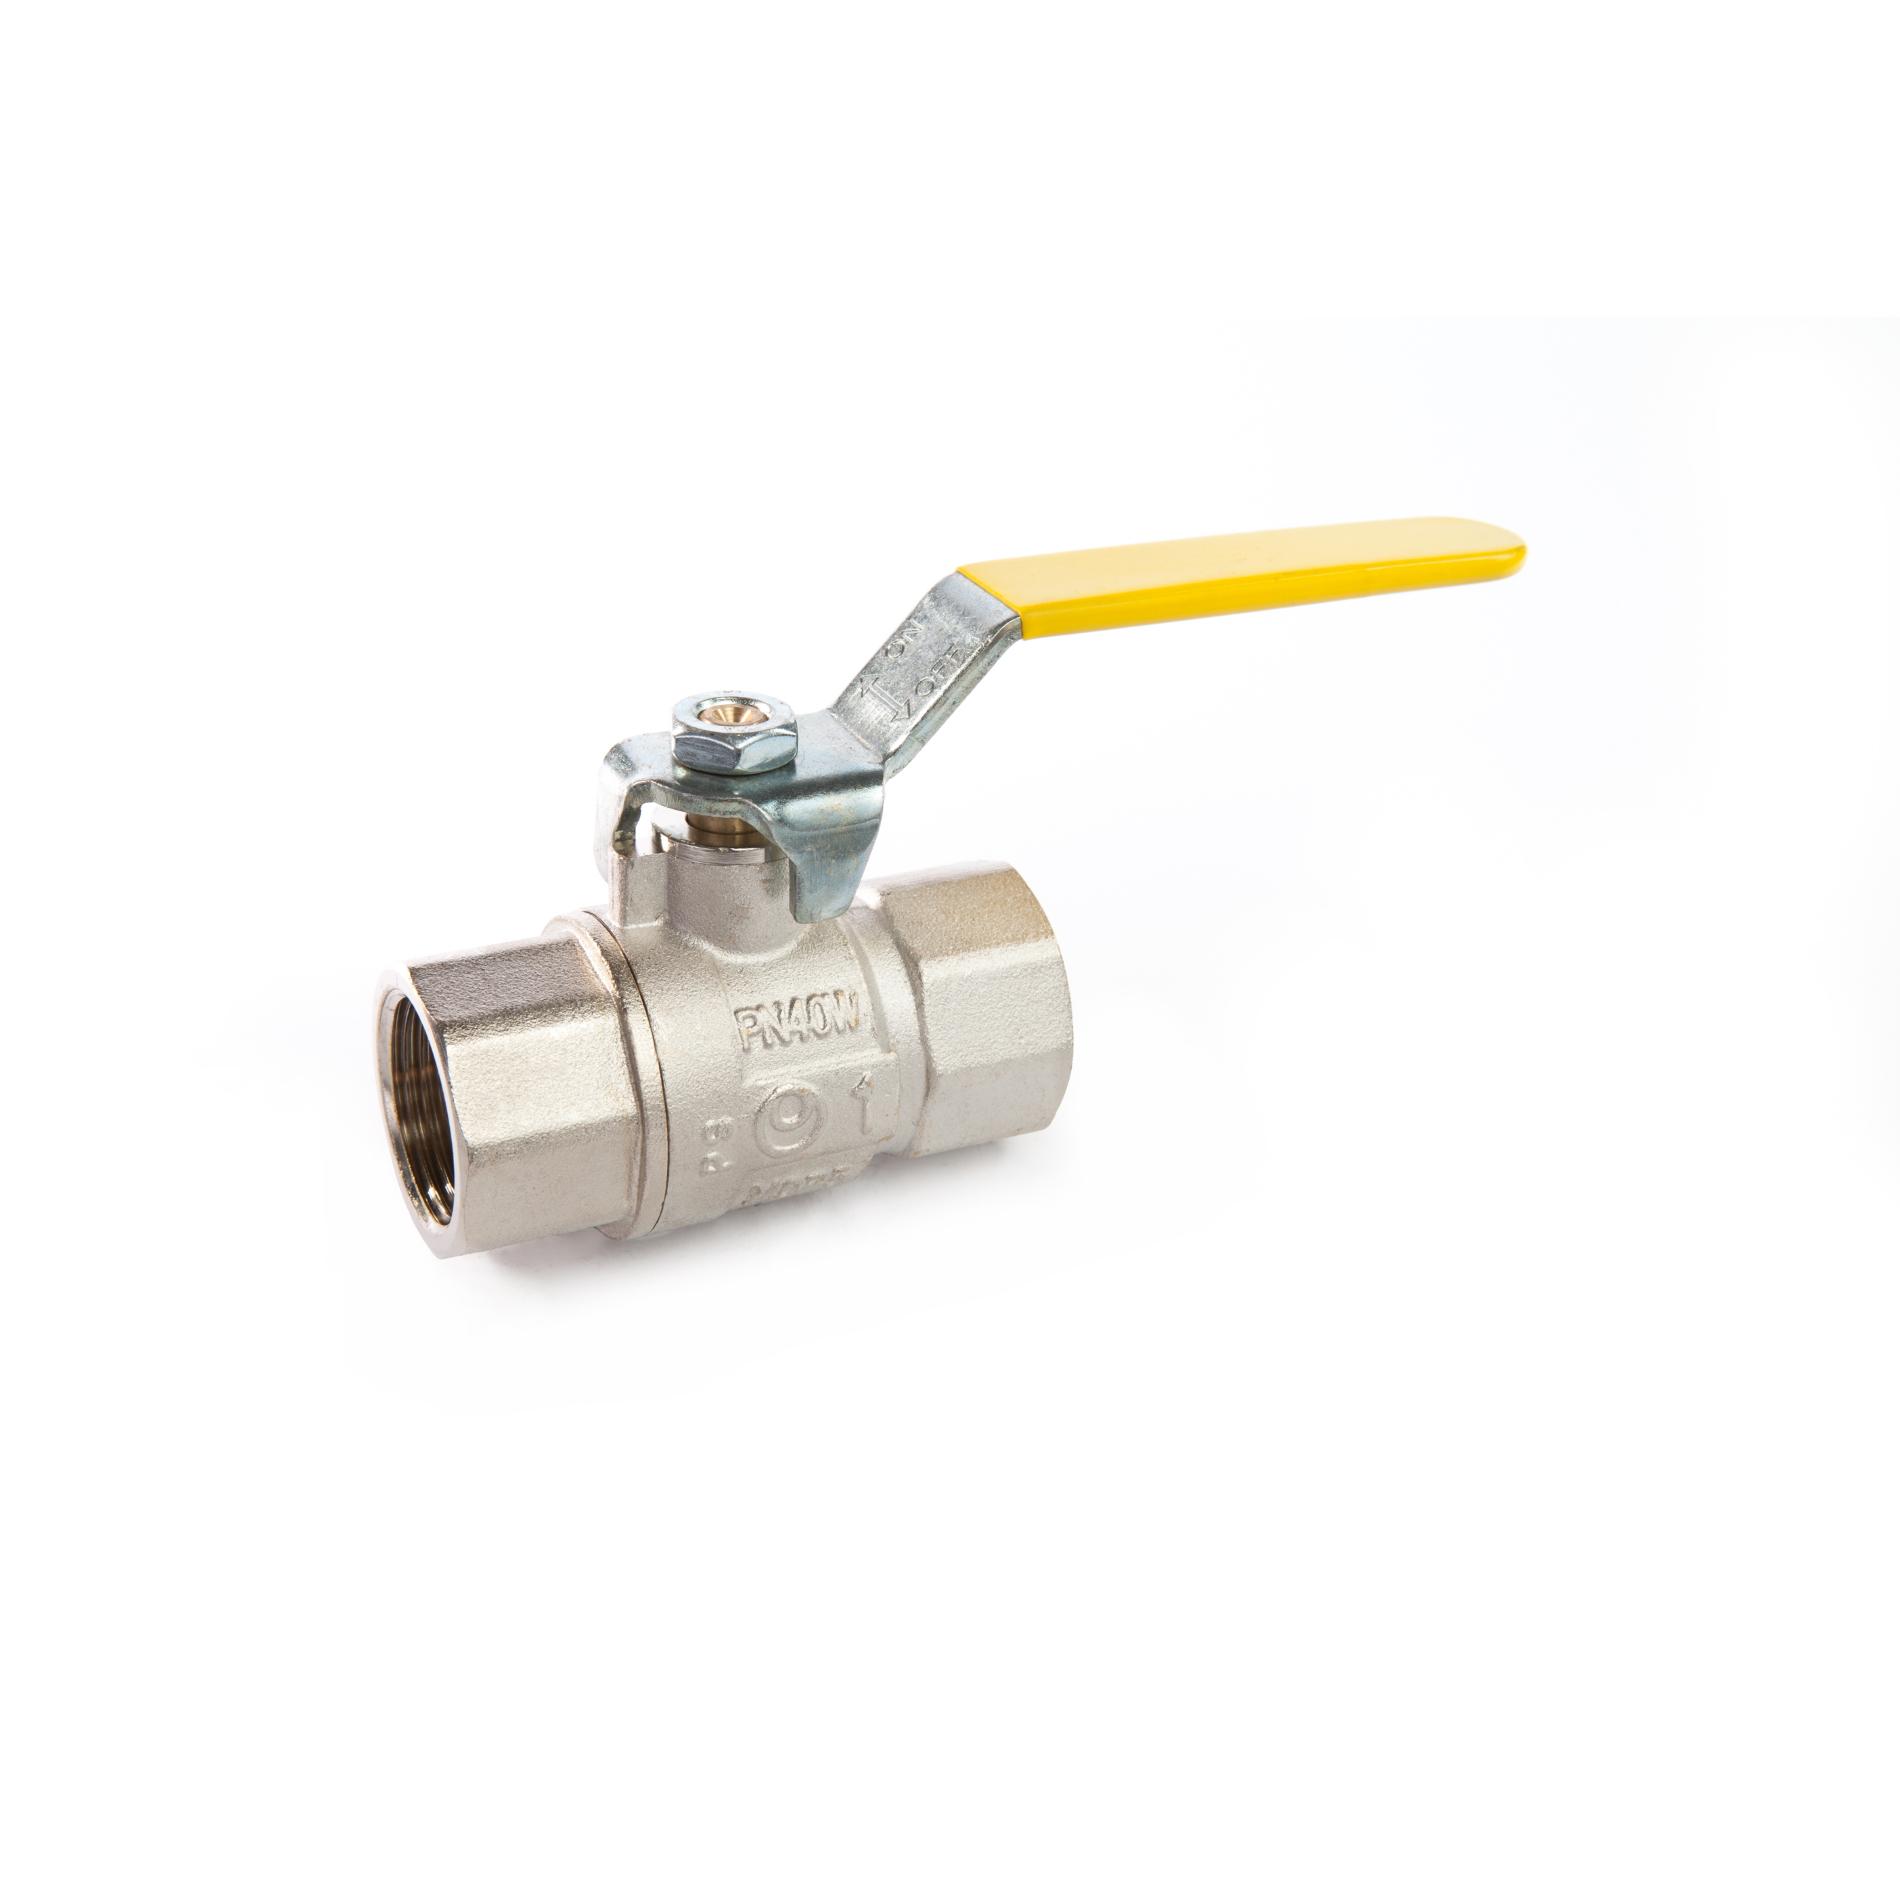 017 Valvola a sfera a passaggio totale per gas metano FxF tipo pesante con leva Full bore brass ball valve heavy type with lever